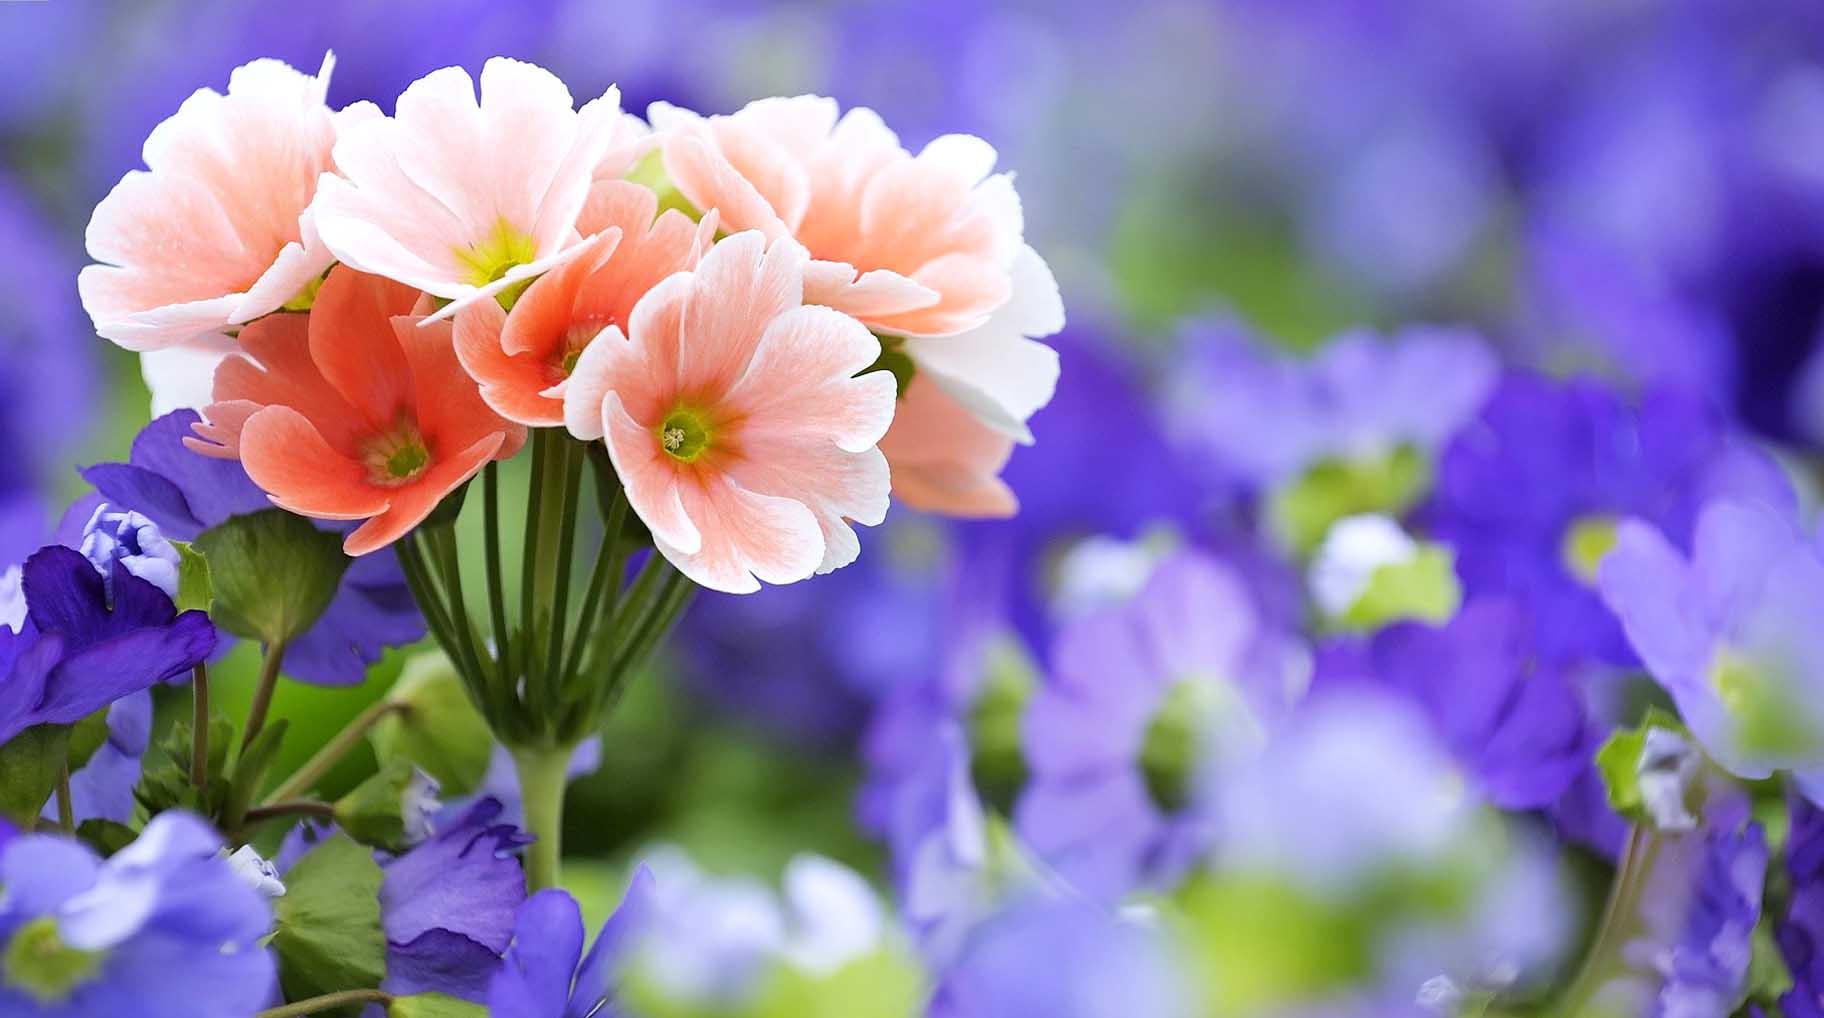 flower wallpaper download resultion 1824 x 1018 102 kb jpeg download 1824x1018